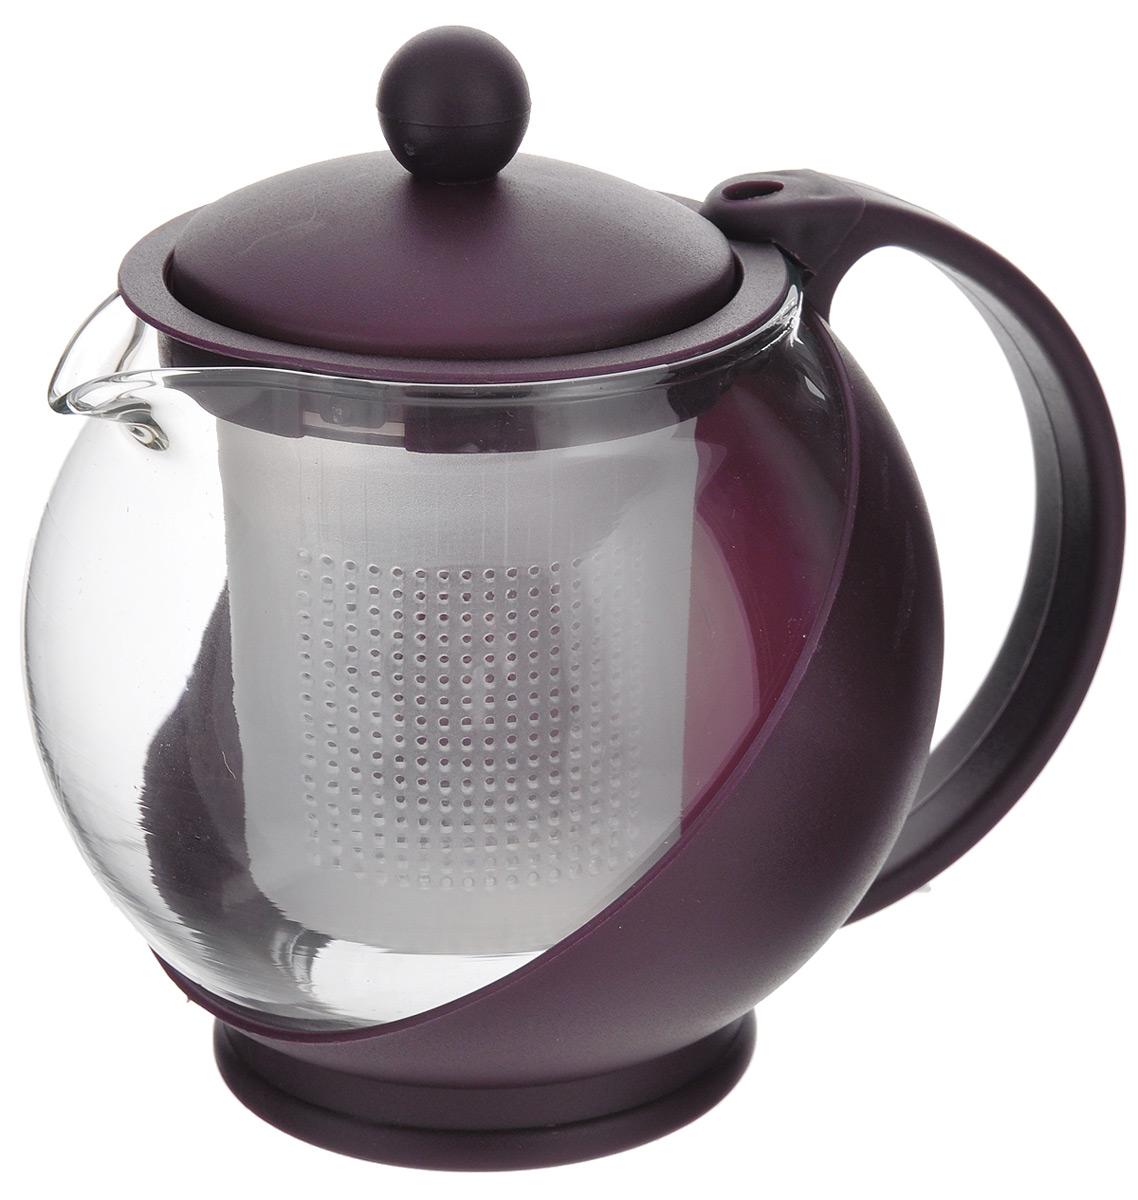 Чайник заварочный Miolla, с фильтром, цвет: вишневый, 500 мл. DHA020P/AFS-91909Заварочный чайник Miolla изготовлен из жаропрочного стекла и термостойкого пластика. Чай в таком чайнике дольше остается горячим, а полезные и ароматические вещества полностью сохраняются в напитке. Чайник оснащен фильтром и крышкой. Простой и удобный чайник поможет вам приготовить крепкий, ароматный чай. Разборная конструкция обеспечивает легкий уход. Можно мыть в посудомоечной машине. Не использовать в микроволновой печи.Диаметр чайника (по верхнему краю): 6,2 см.Высота чайника (без учета крышки): 10 см.Высота фильтра: 7,5 см.